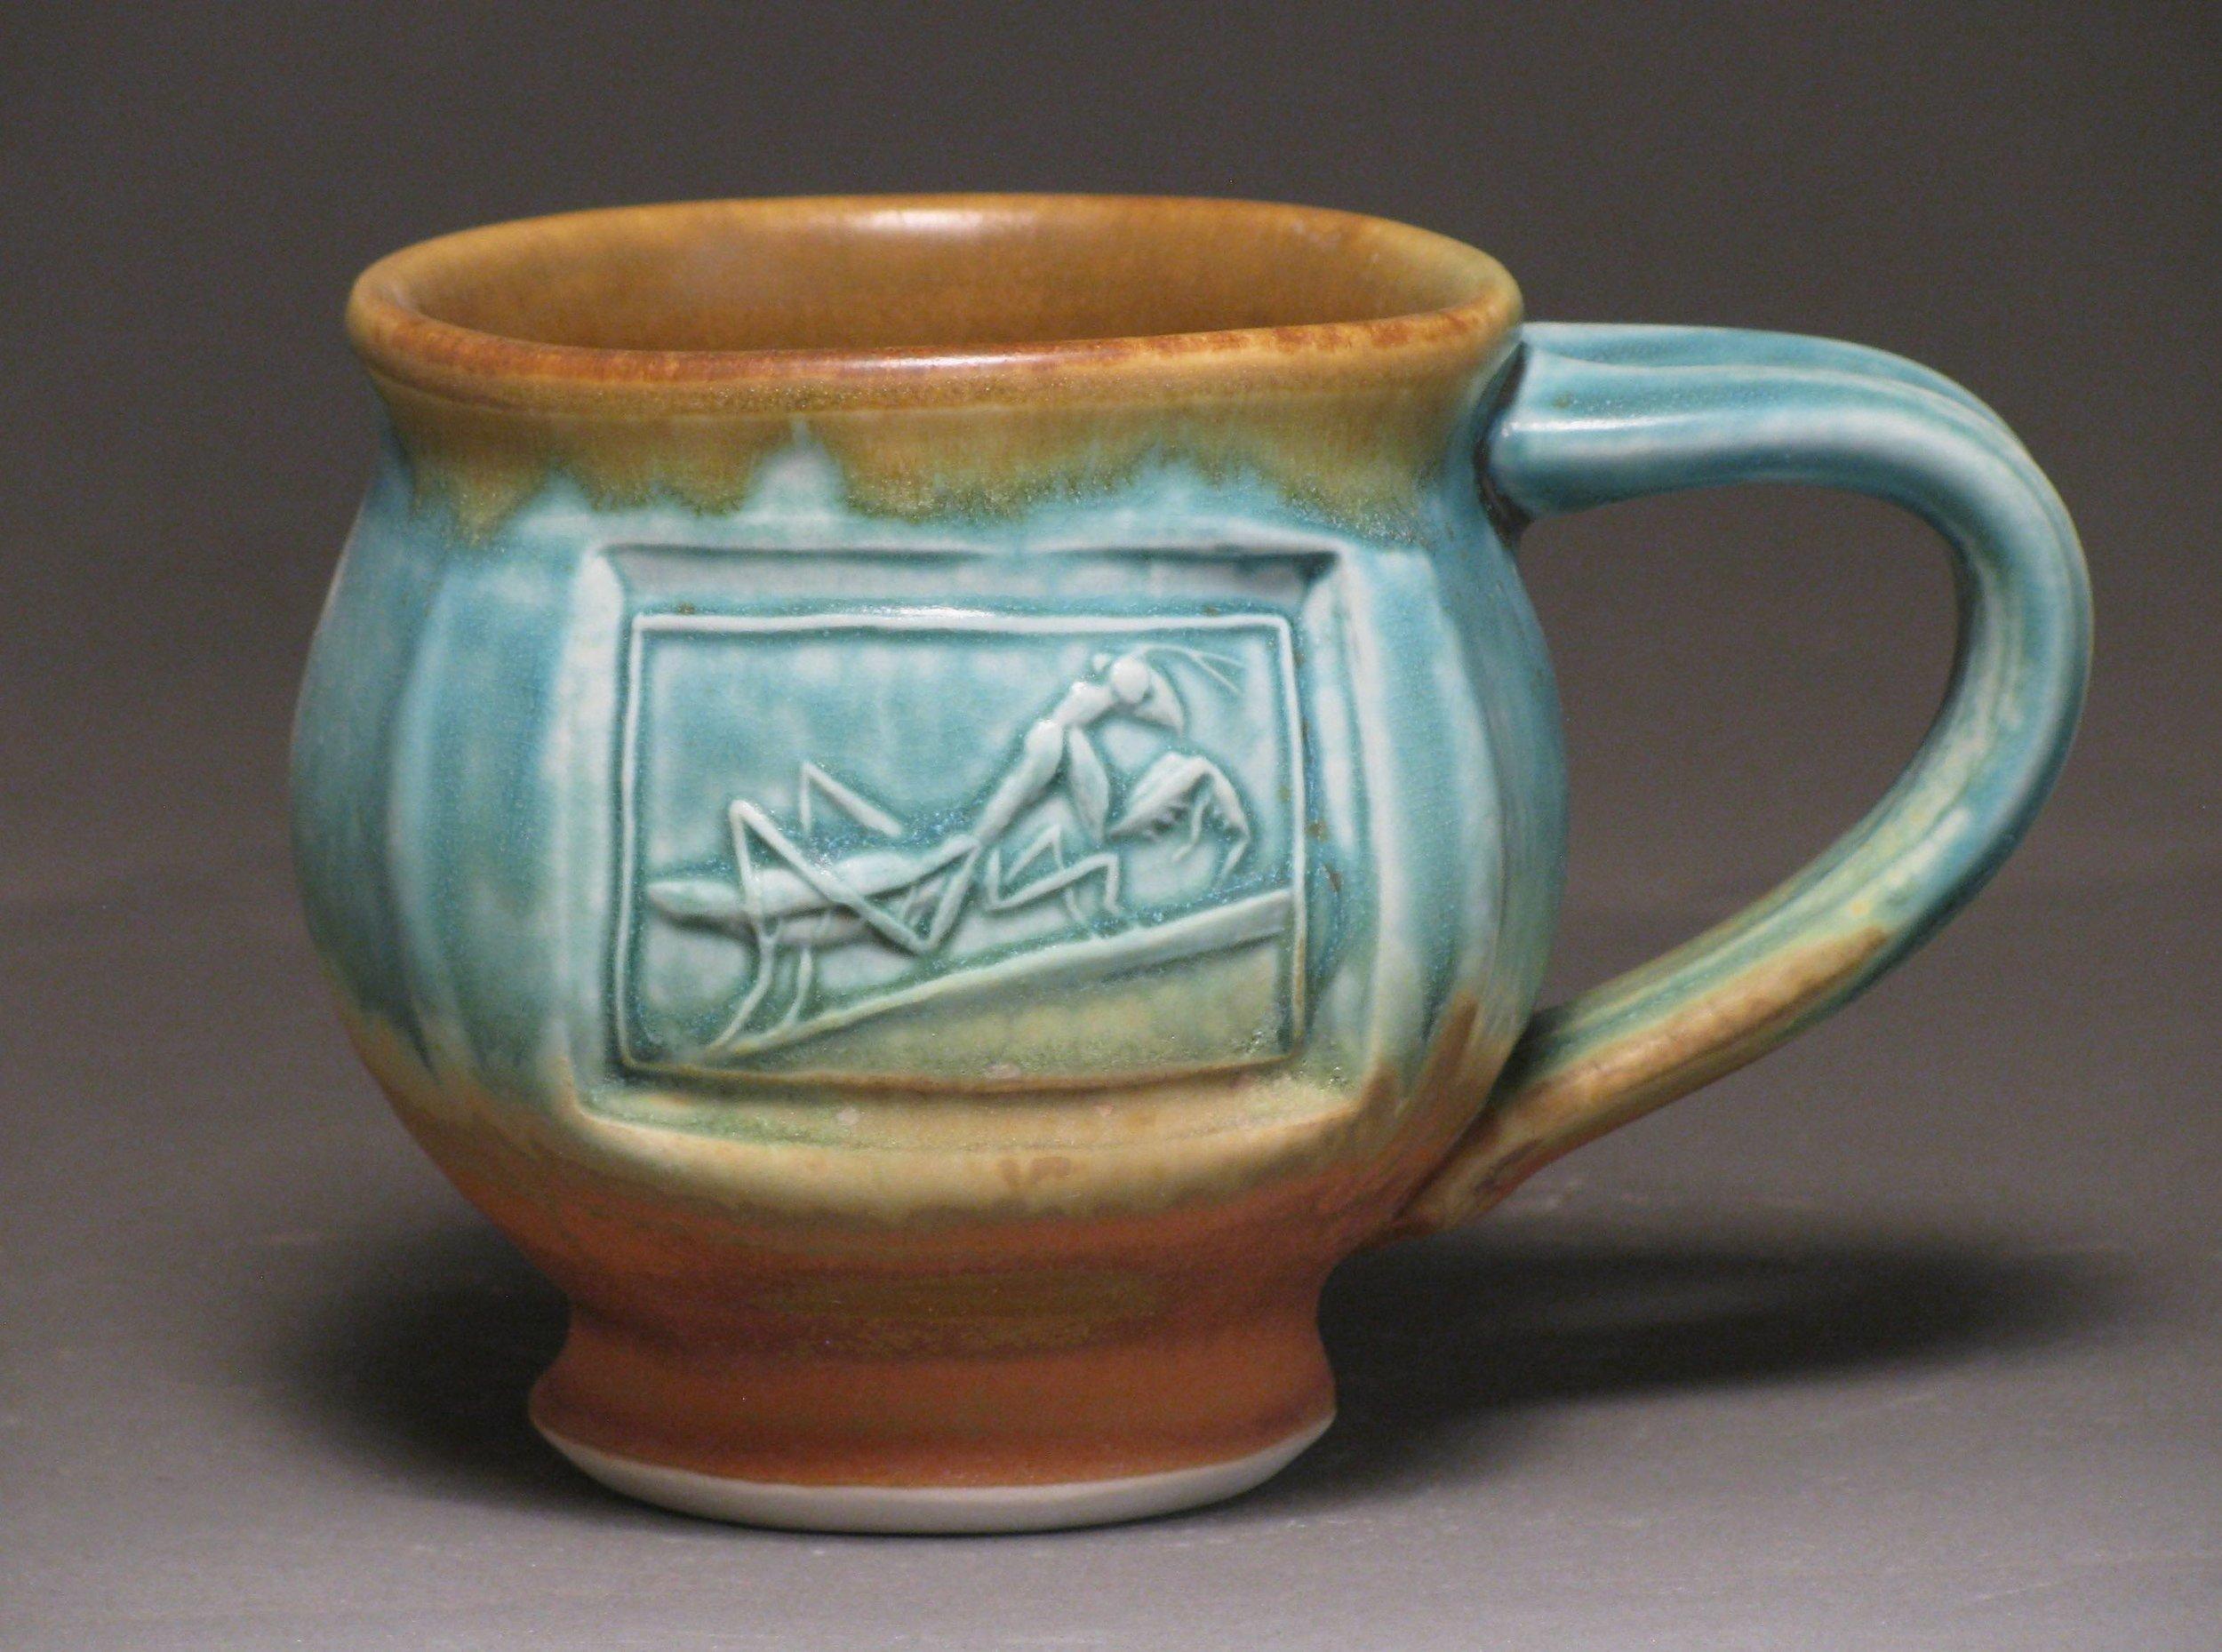 Mug with praying mantis